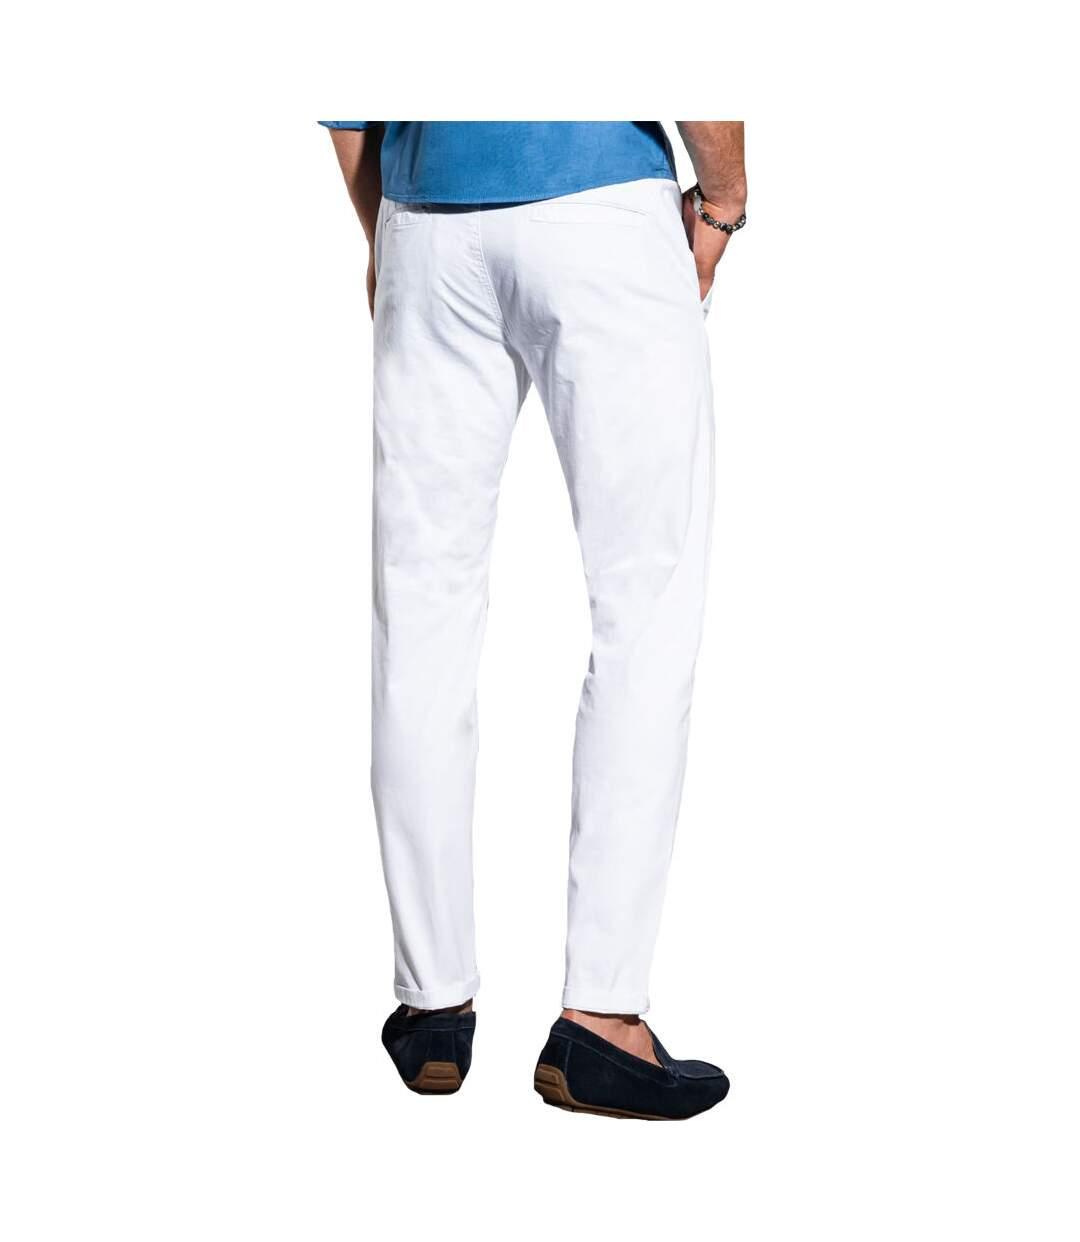 Pantalon chino pour homme Pantalon 894 blanc